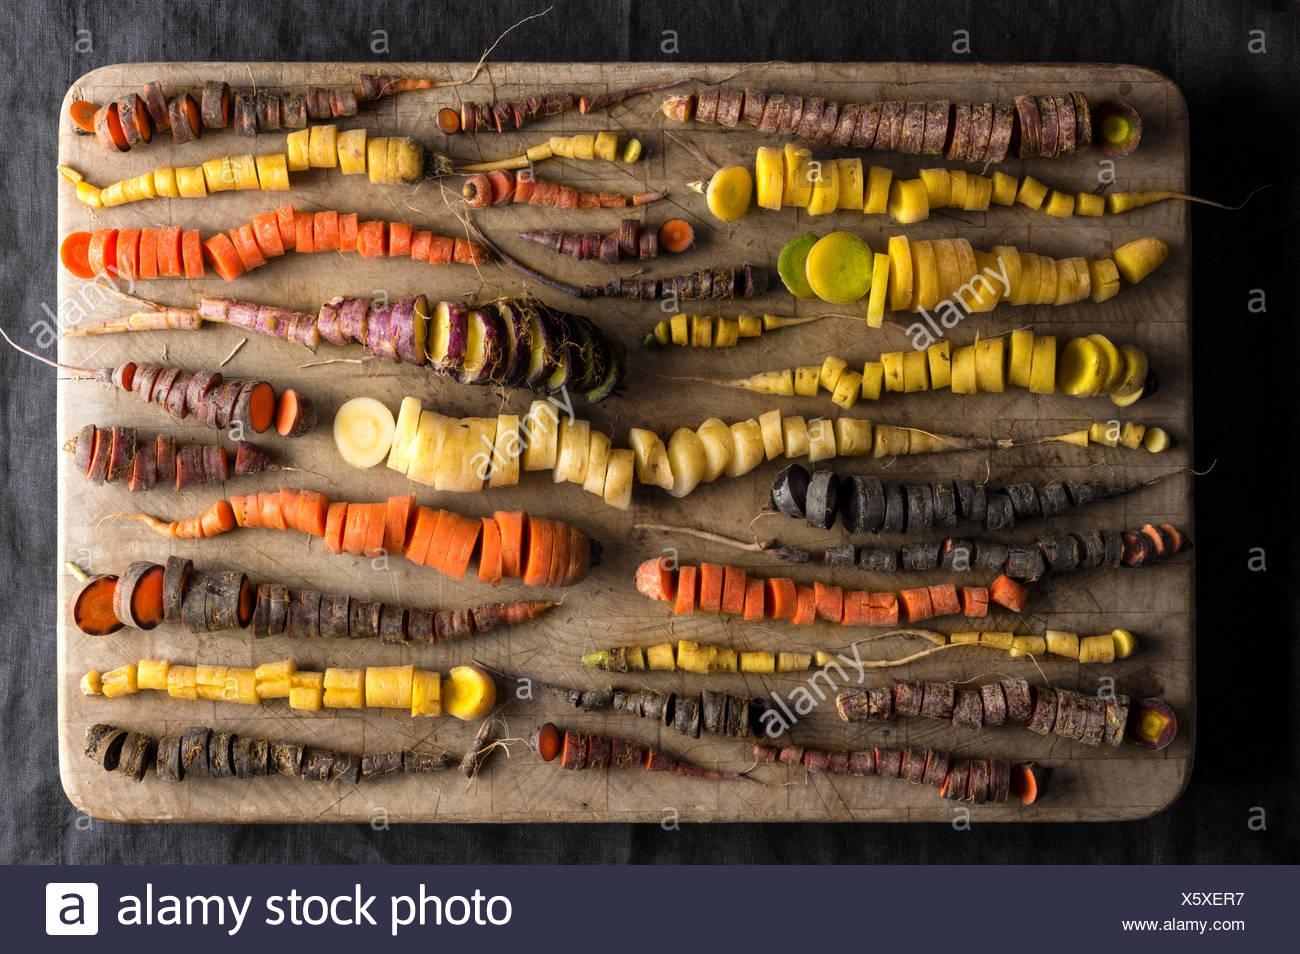 Un tableau de carottes arc-en-ciel dans beaucoup de formes et de couleurs, toutes finement hachés sur un billot de bois usés. Photo Stock